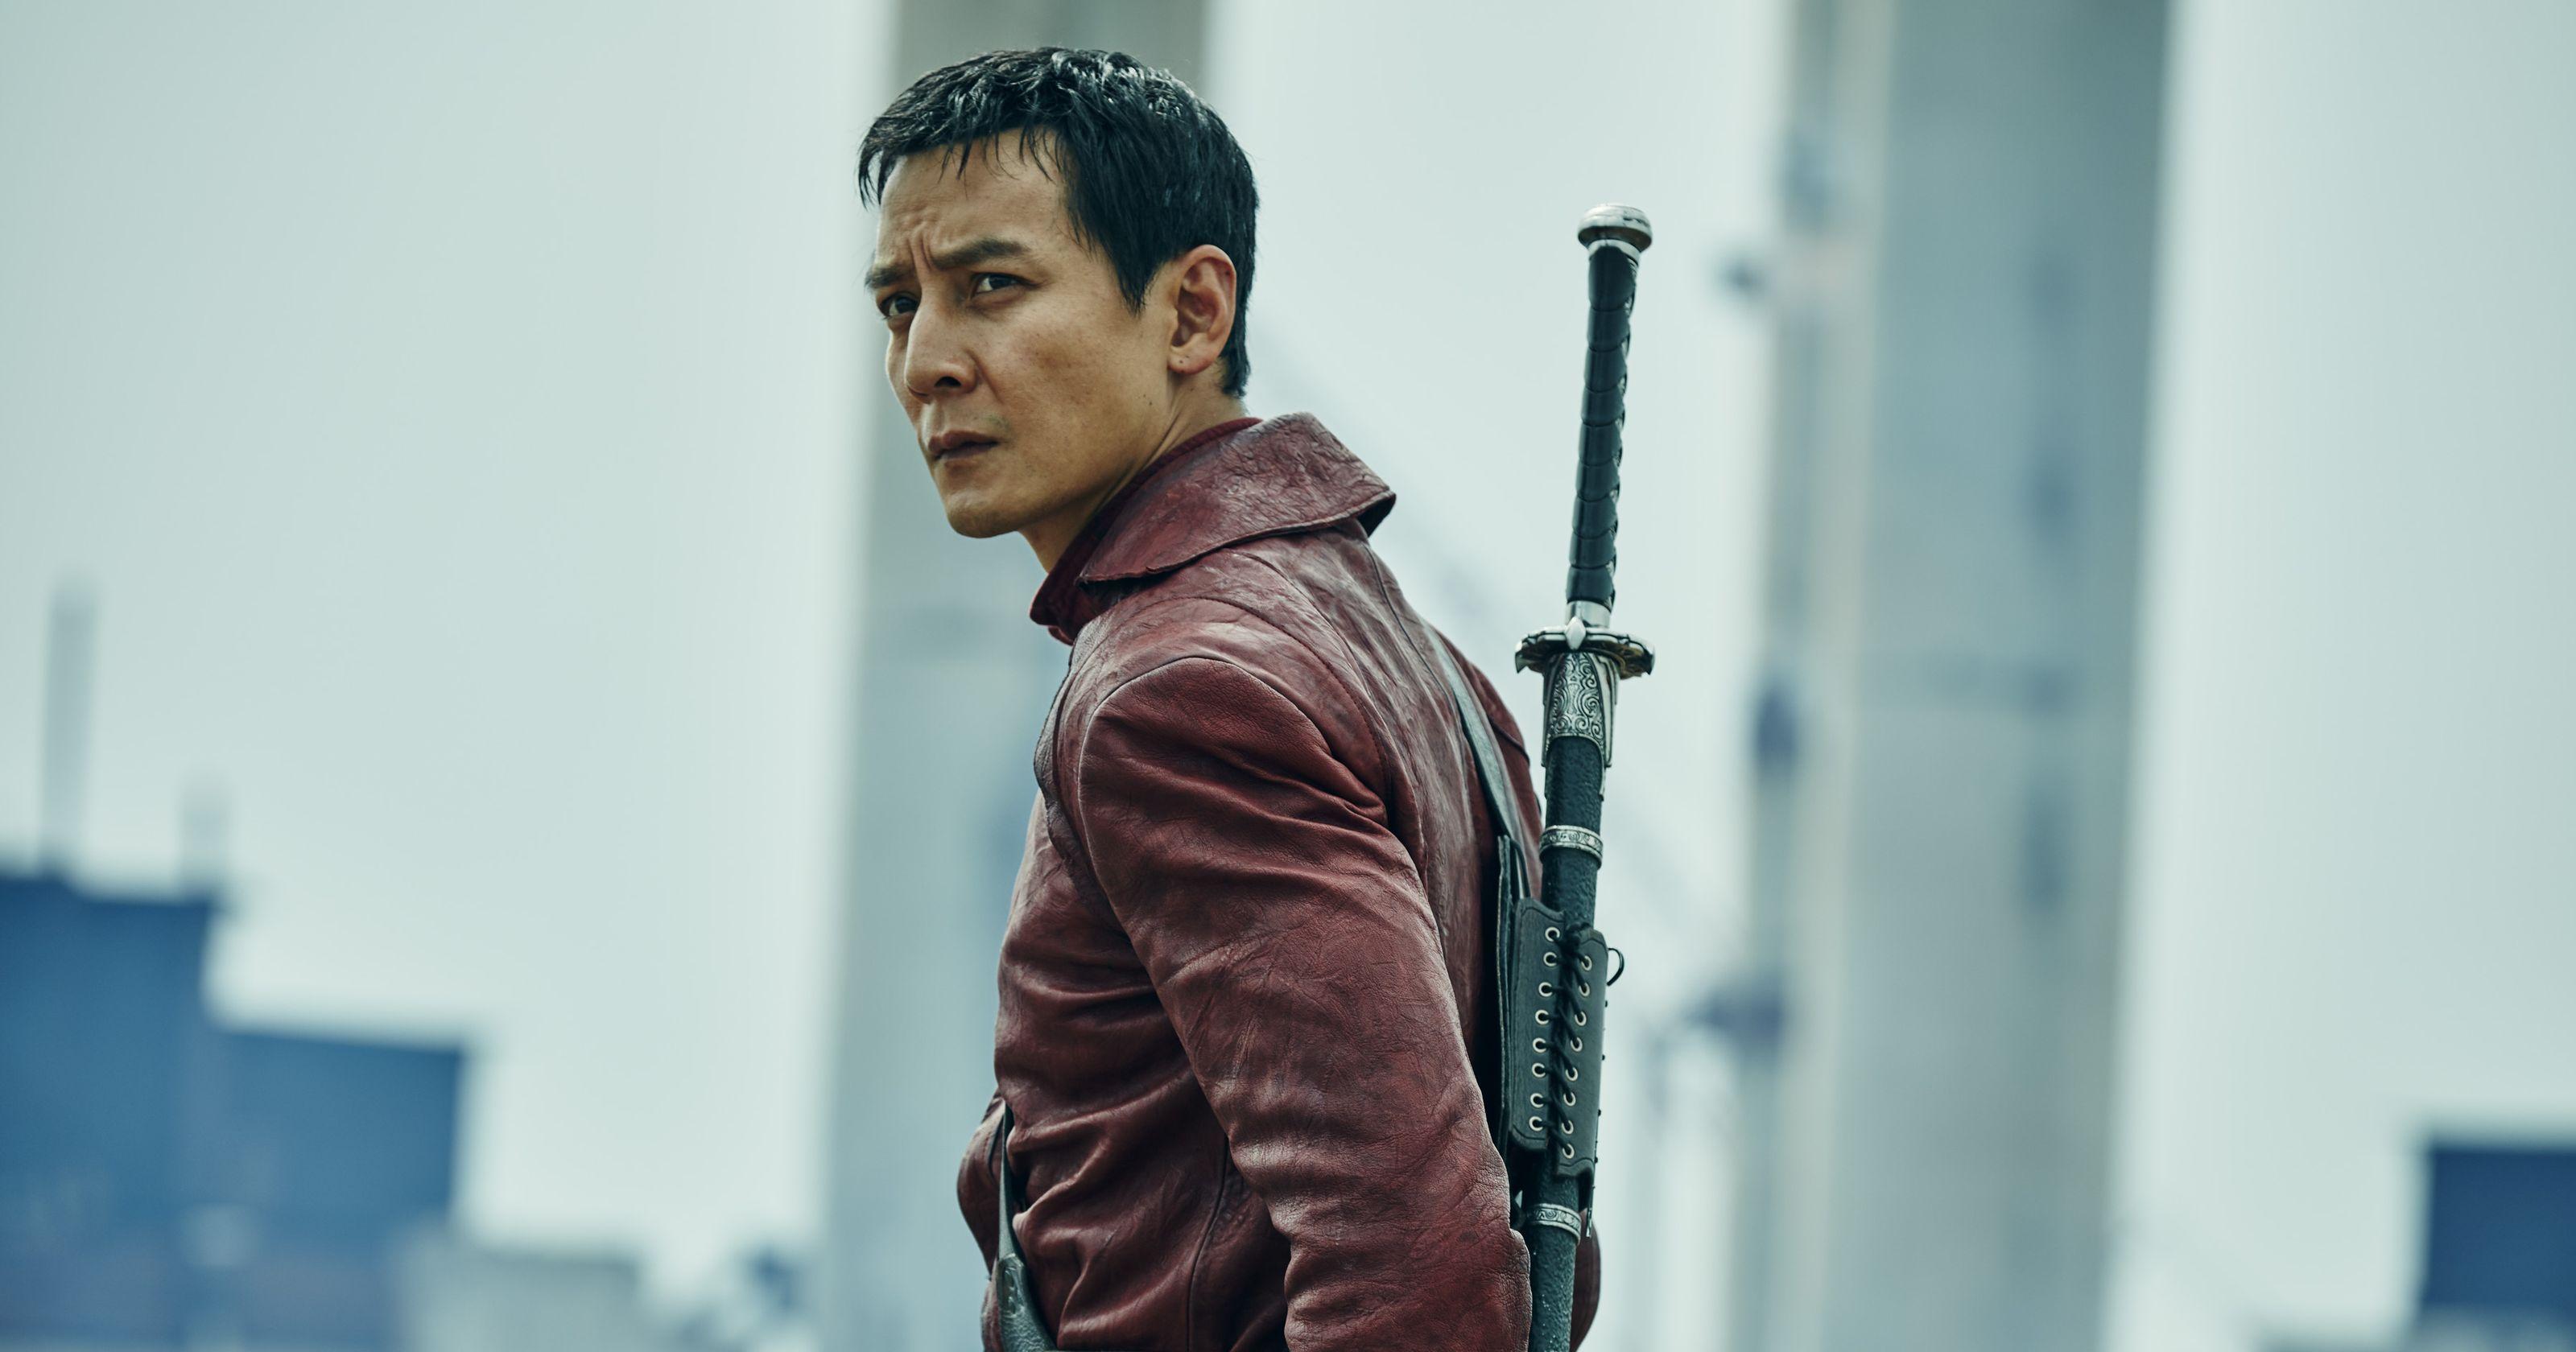 漫威首部華人英雄電影終於來啦!和黑寡婦一樣是少數沒有超能力的超強復仇者!